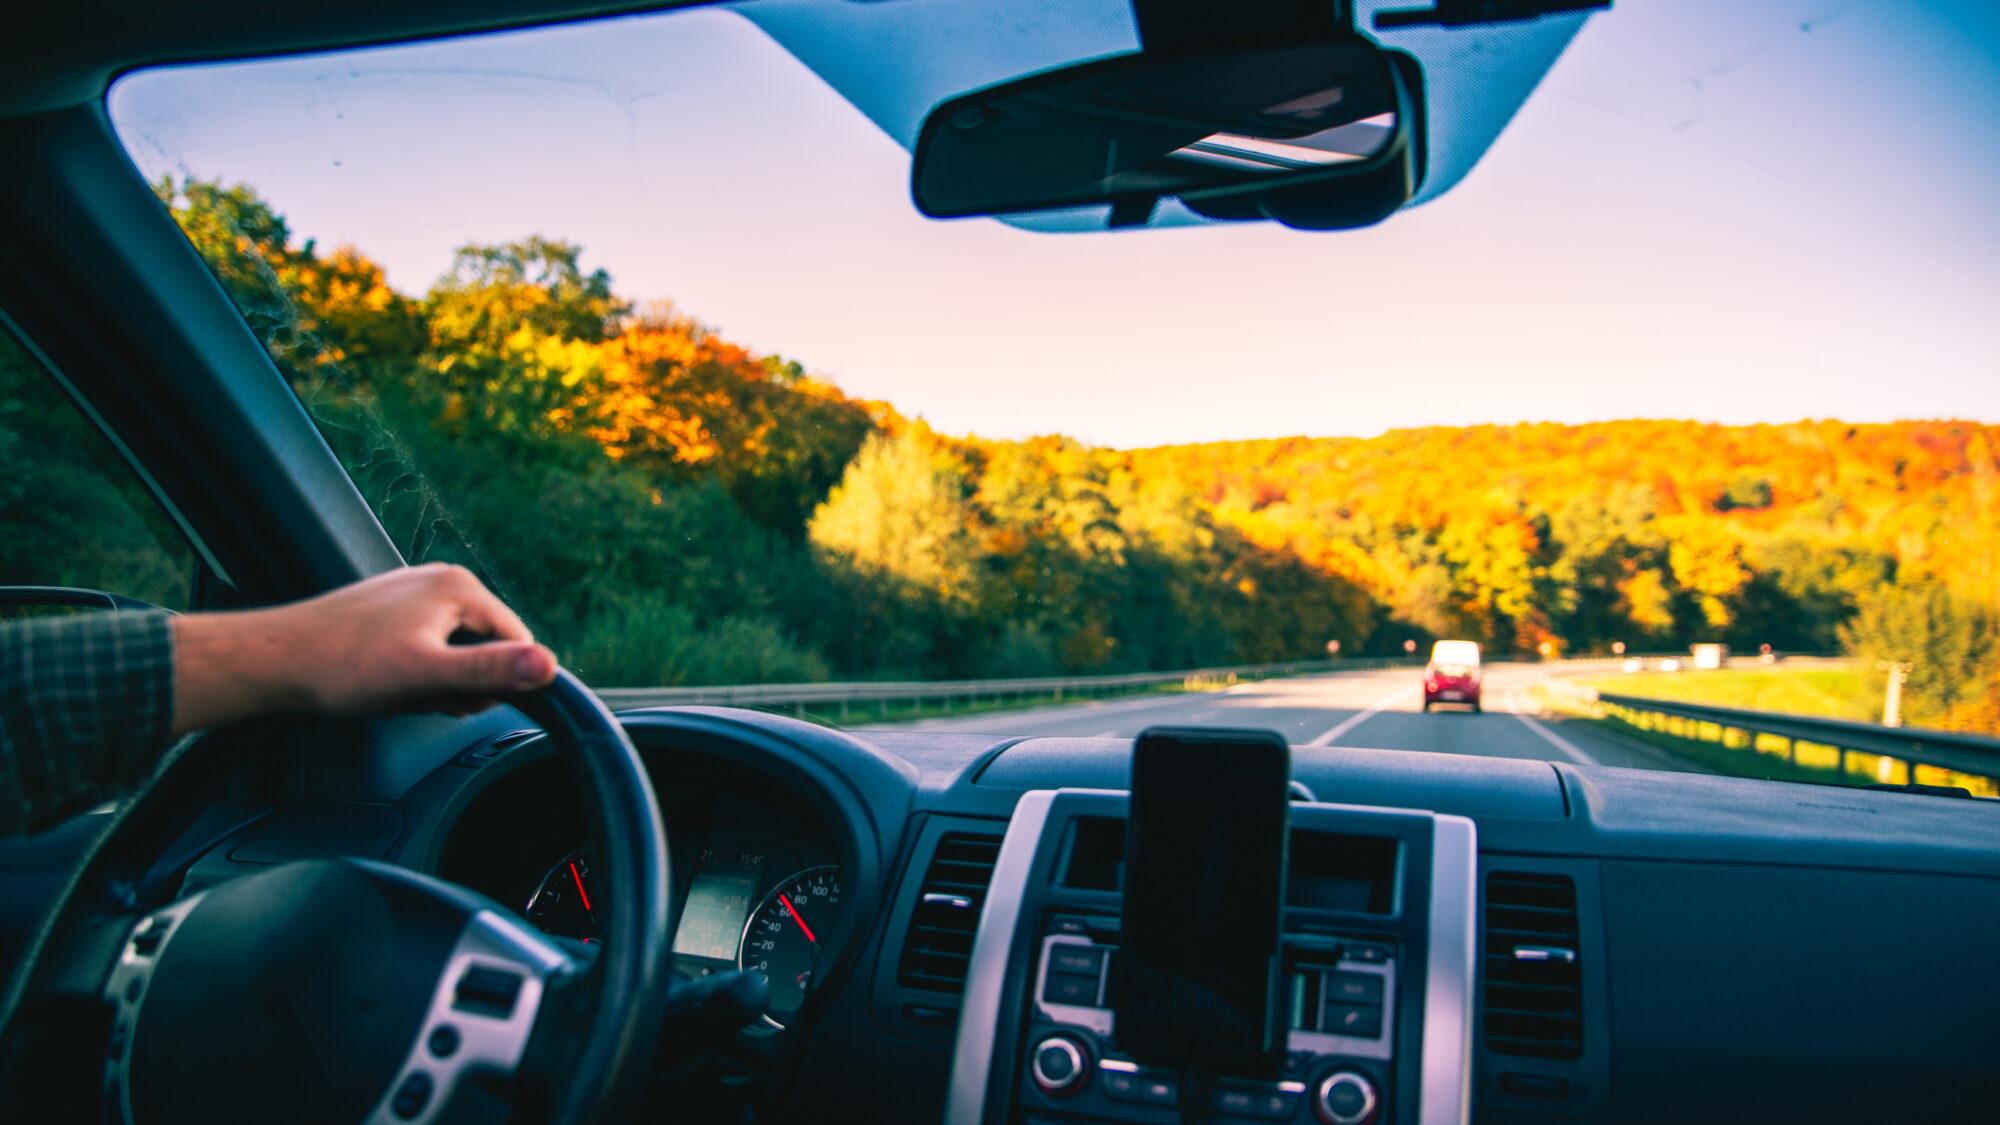 Mudanças no Código da Estrada: saiba o que vai alterar!